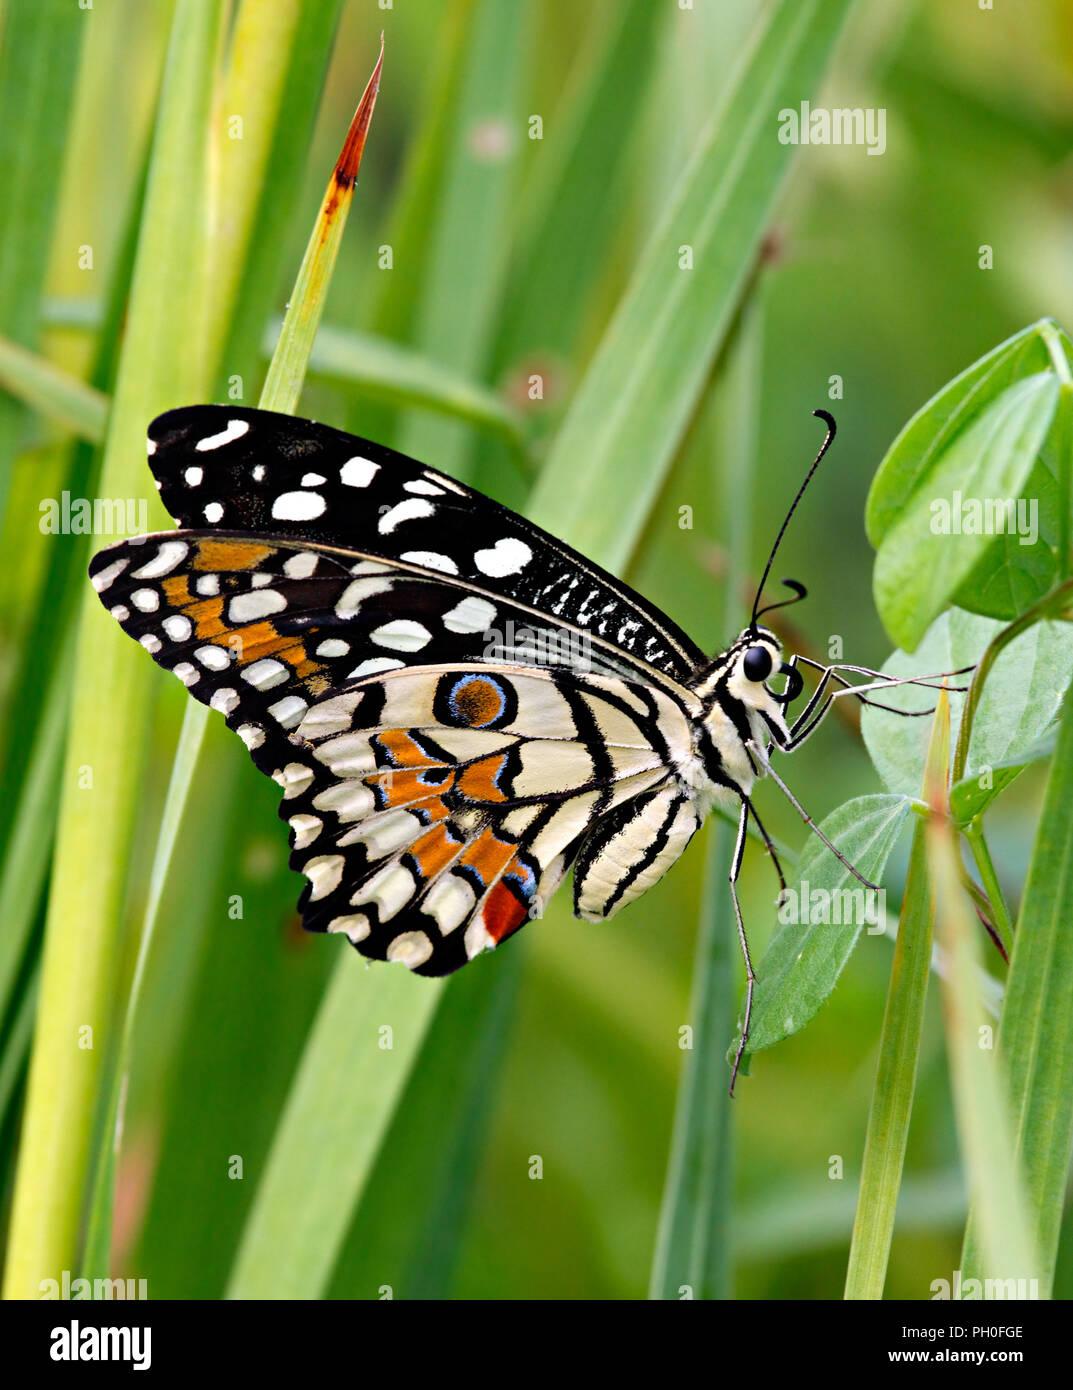 Papilio demoleus o calce butterfly nell'erba verde Immagini Stock